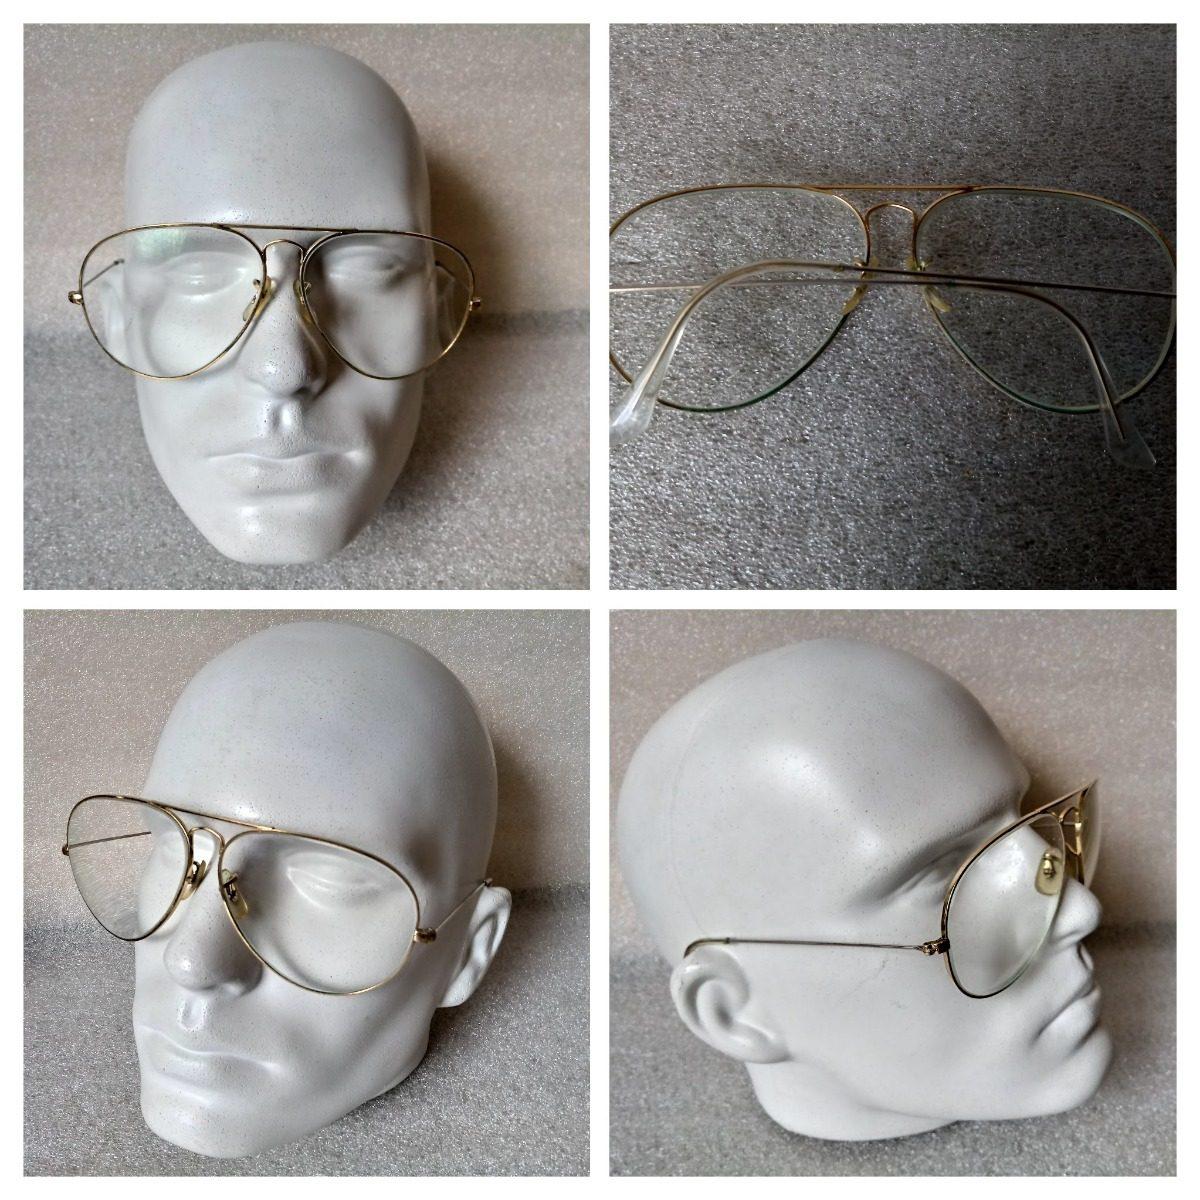 65d3ffbd8c8f5 armação oculos antigo usado ray-ban legít americ dourado 72. Carregando  zoom.